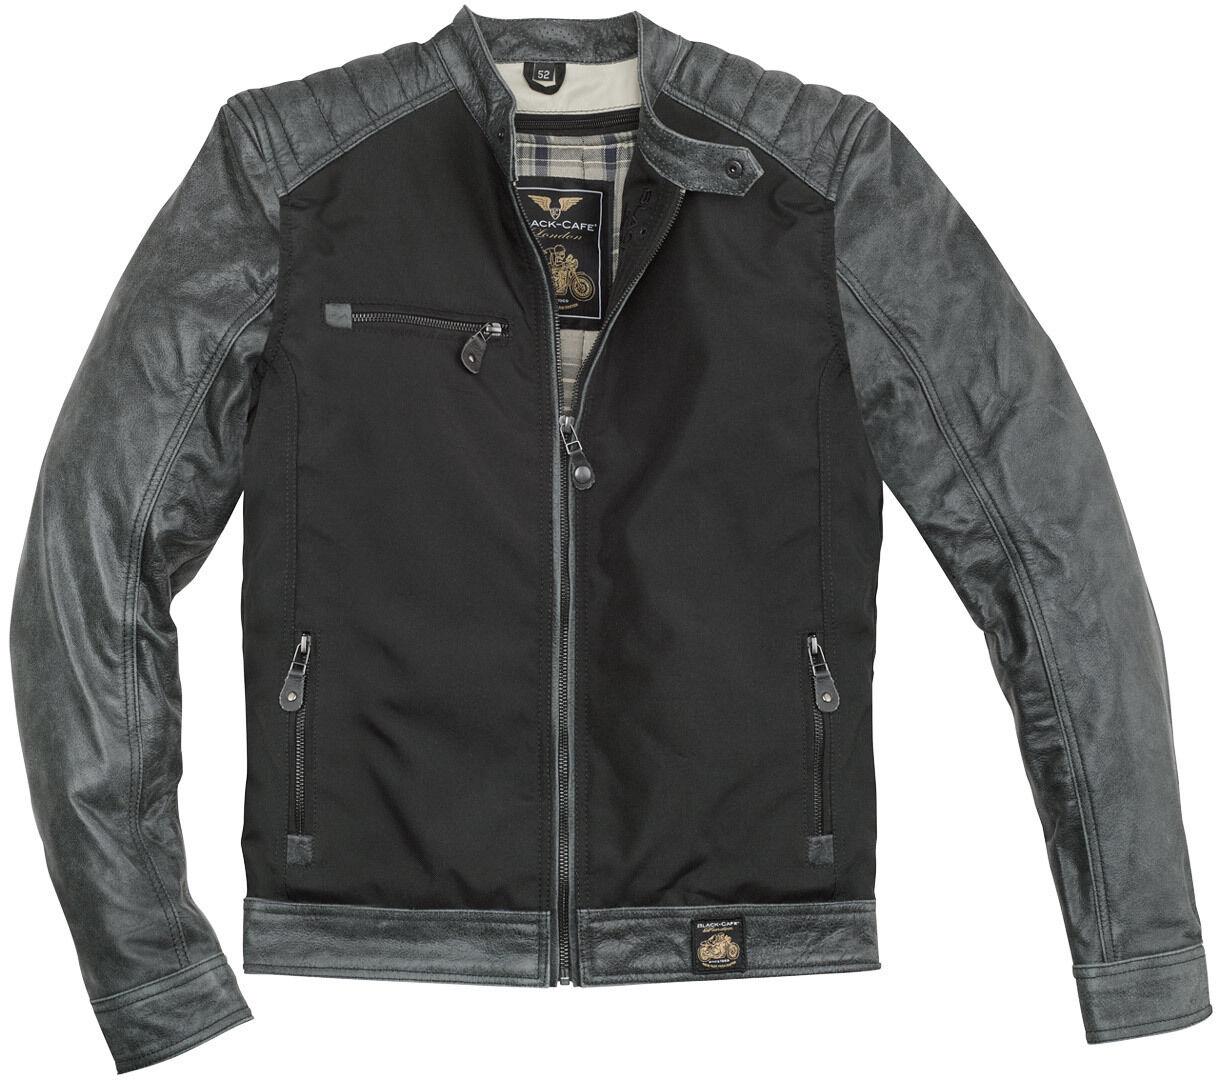 Black-Cafe London Johannesburg Moto Cuir- / Veste textile Noir Gris taille : 48